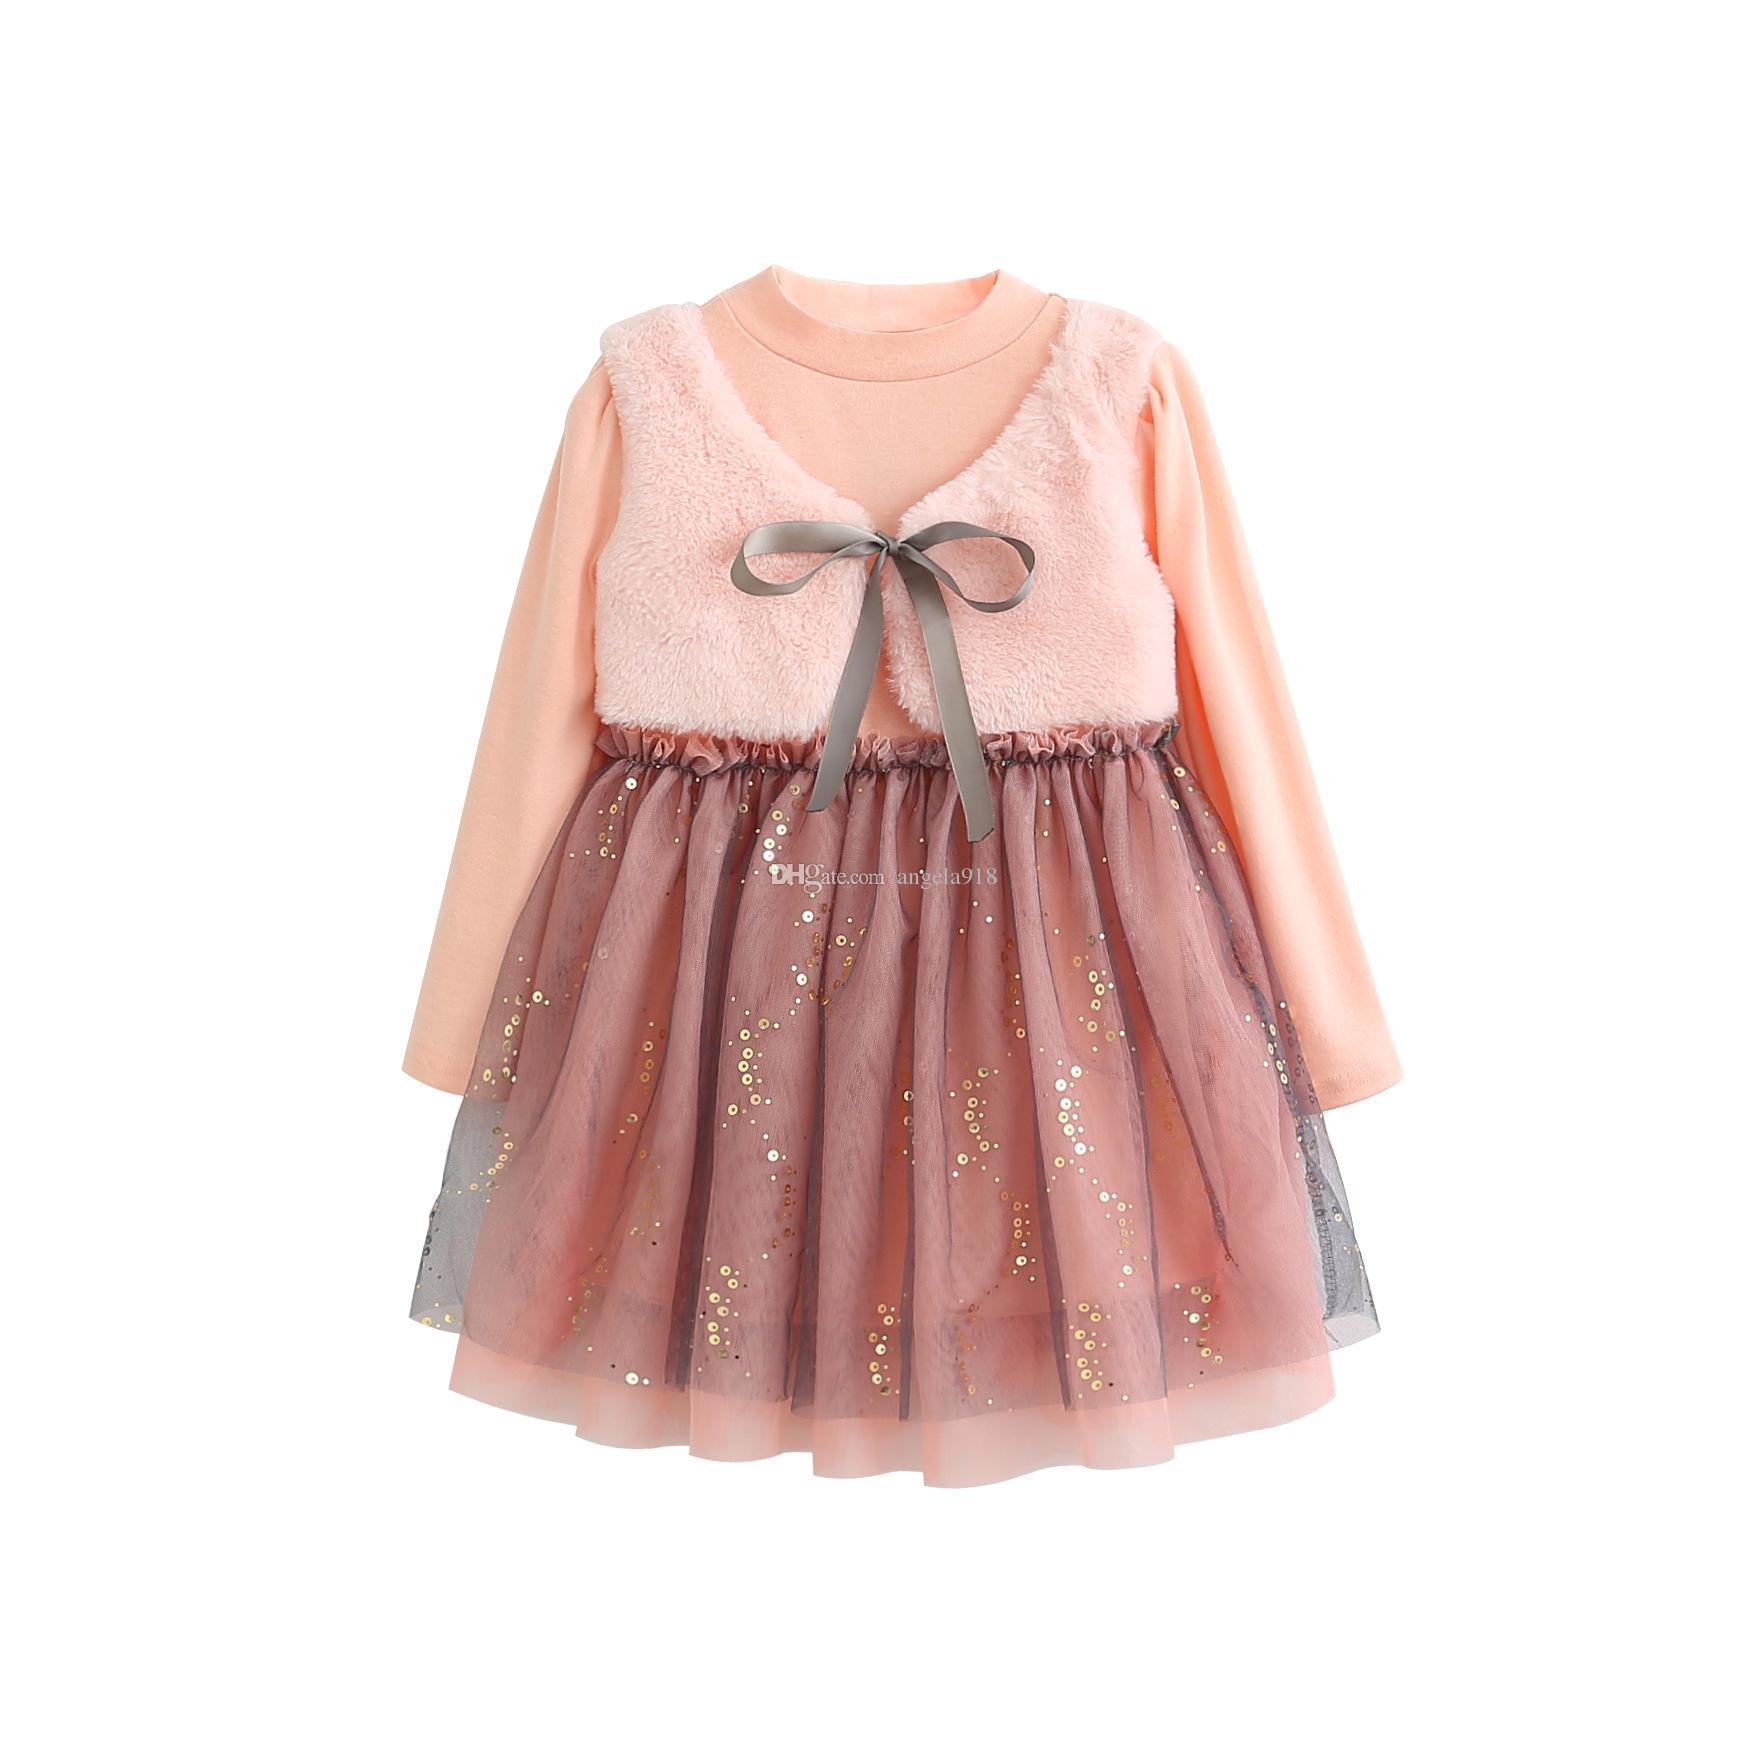 5771c9c47fef Compre 2018 Nueva Niña Falsa Dos Lentejuelas Rosa Vestido De Princesa  Pequeña Más Chaleco De Terciopelo De Malla Falda De Tutú De Costura H144 A  $7.97 Del ...